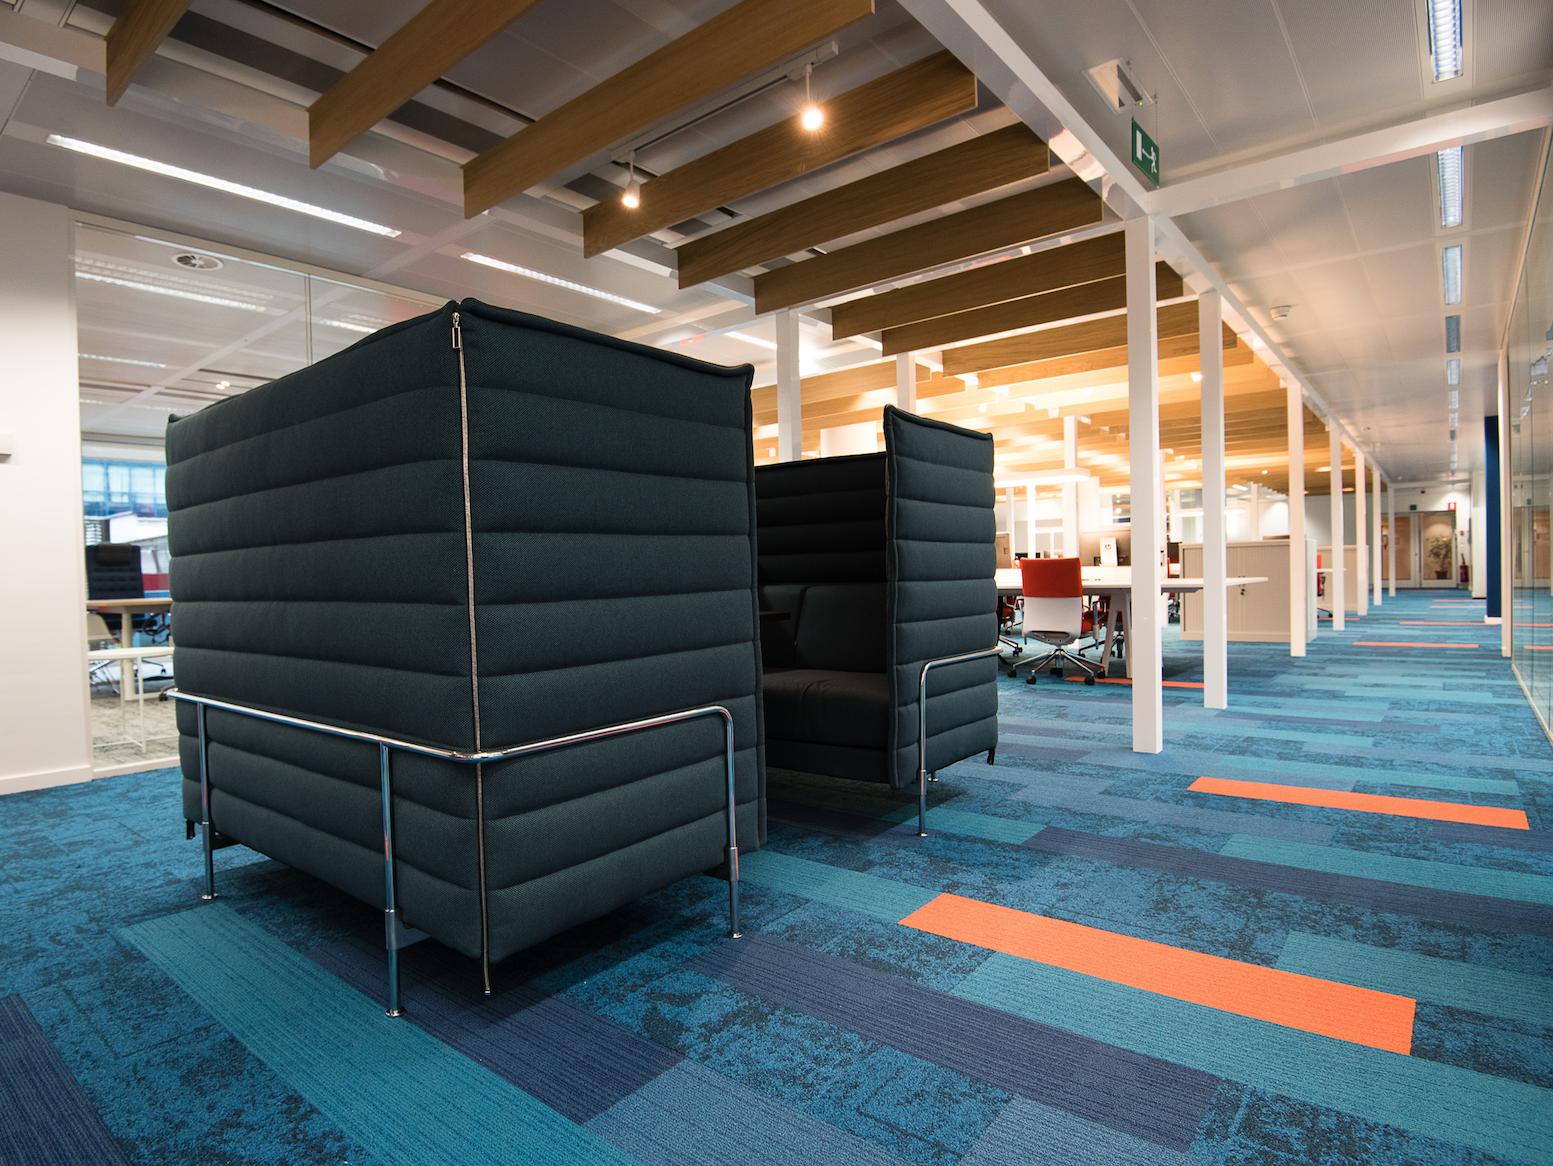 Blauw tapijt met oranje accenten, baluwe werk-alcove en uitzicht kantoor